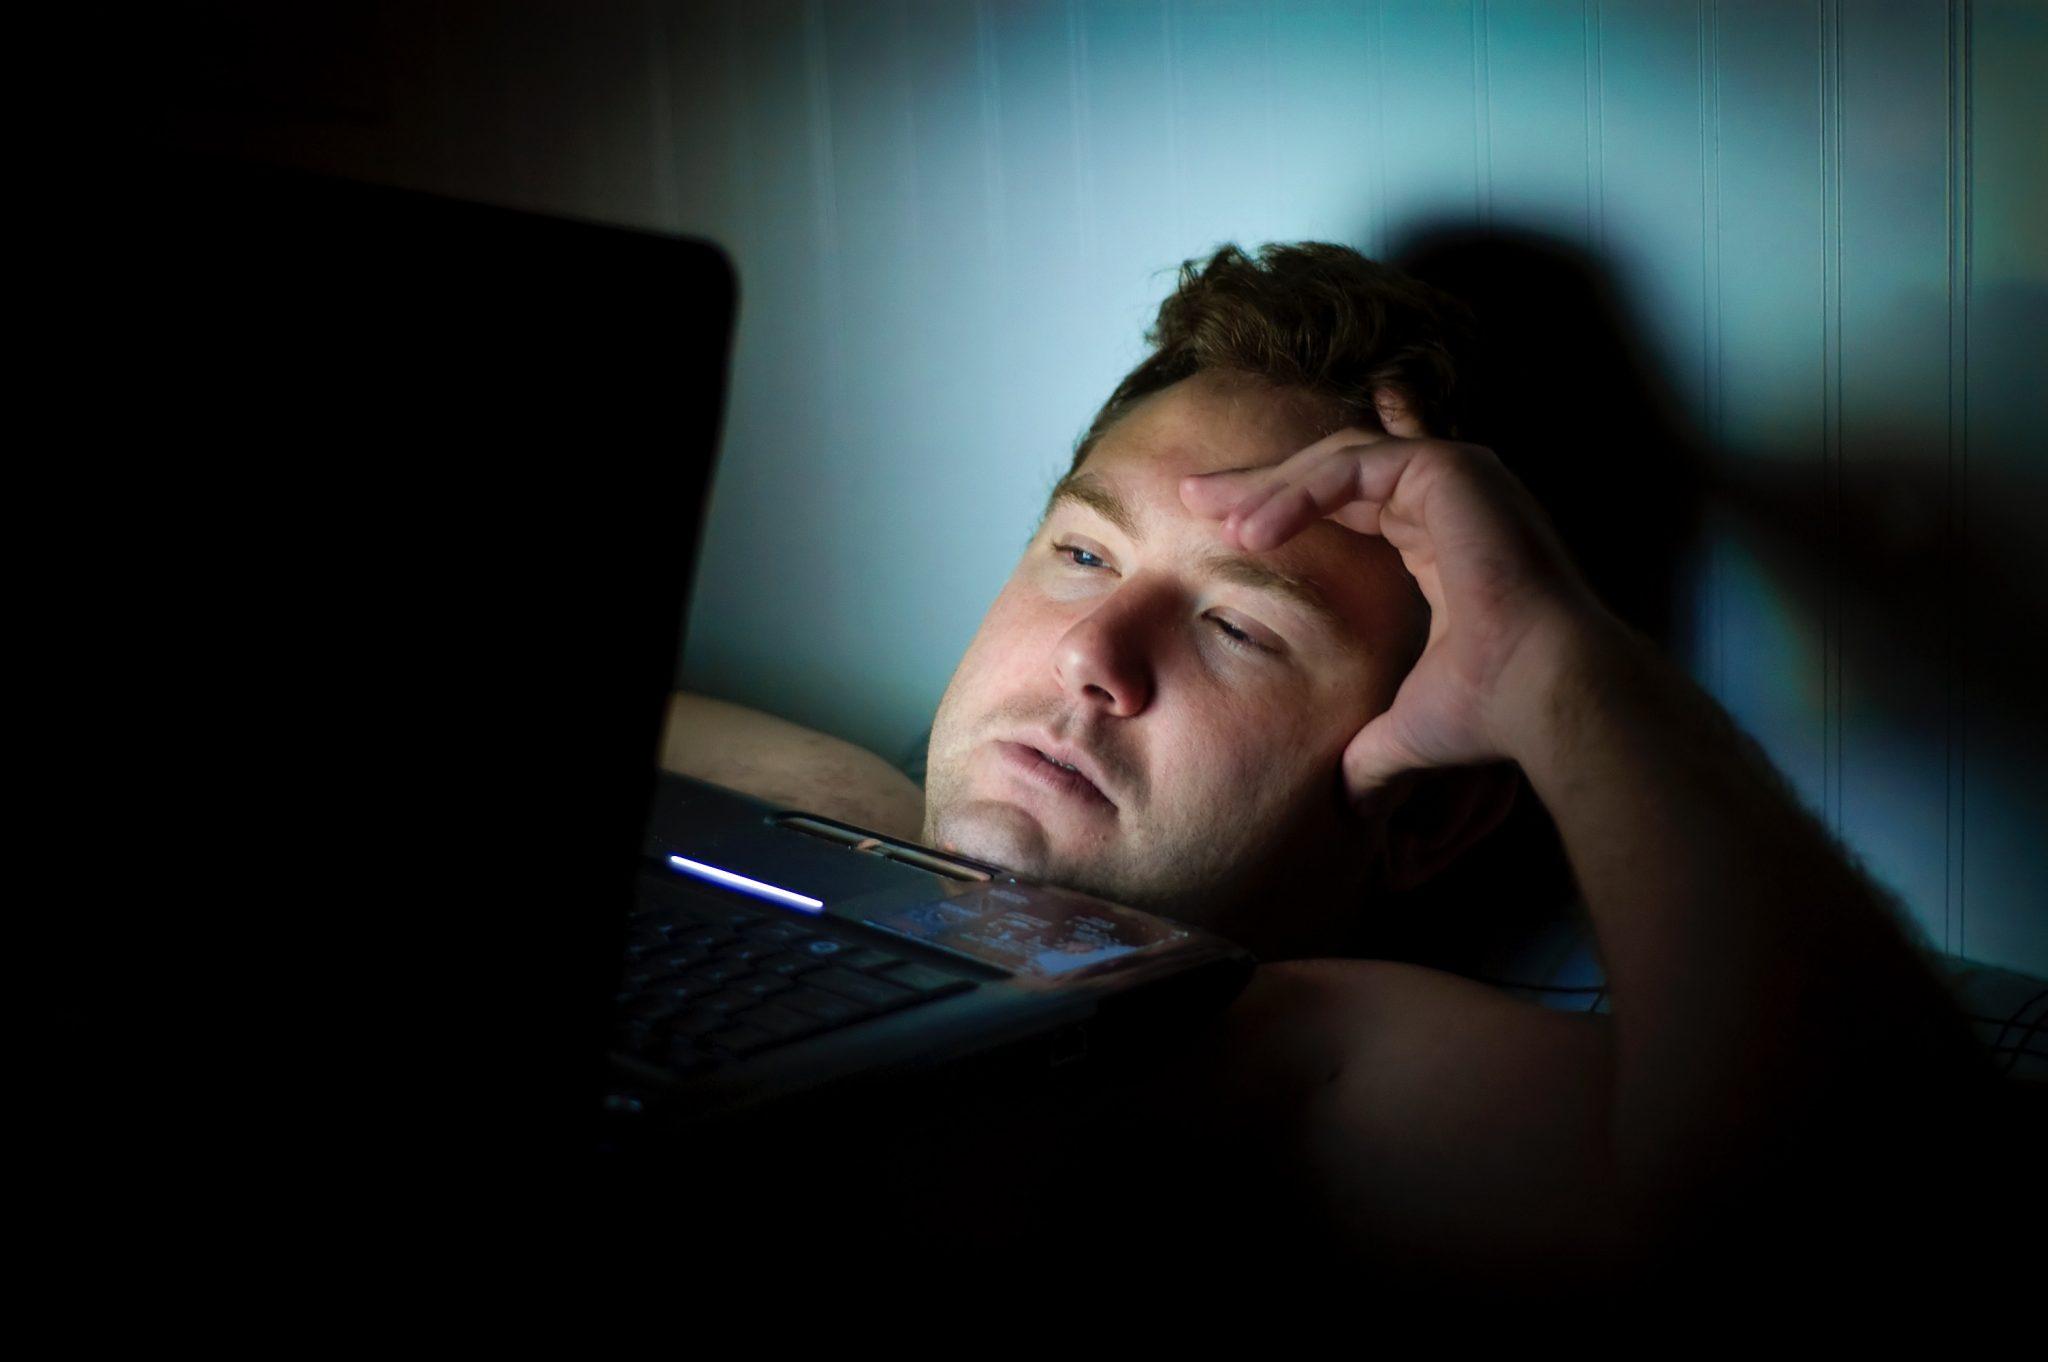 Hình ảnh người khó ngủ nhìn laptop